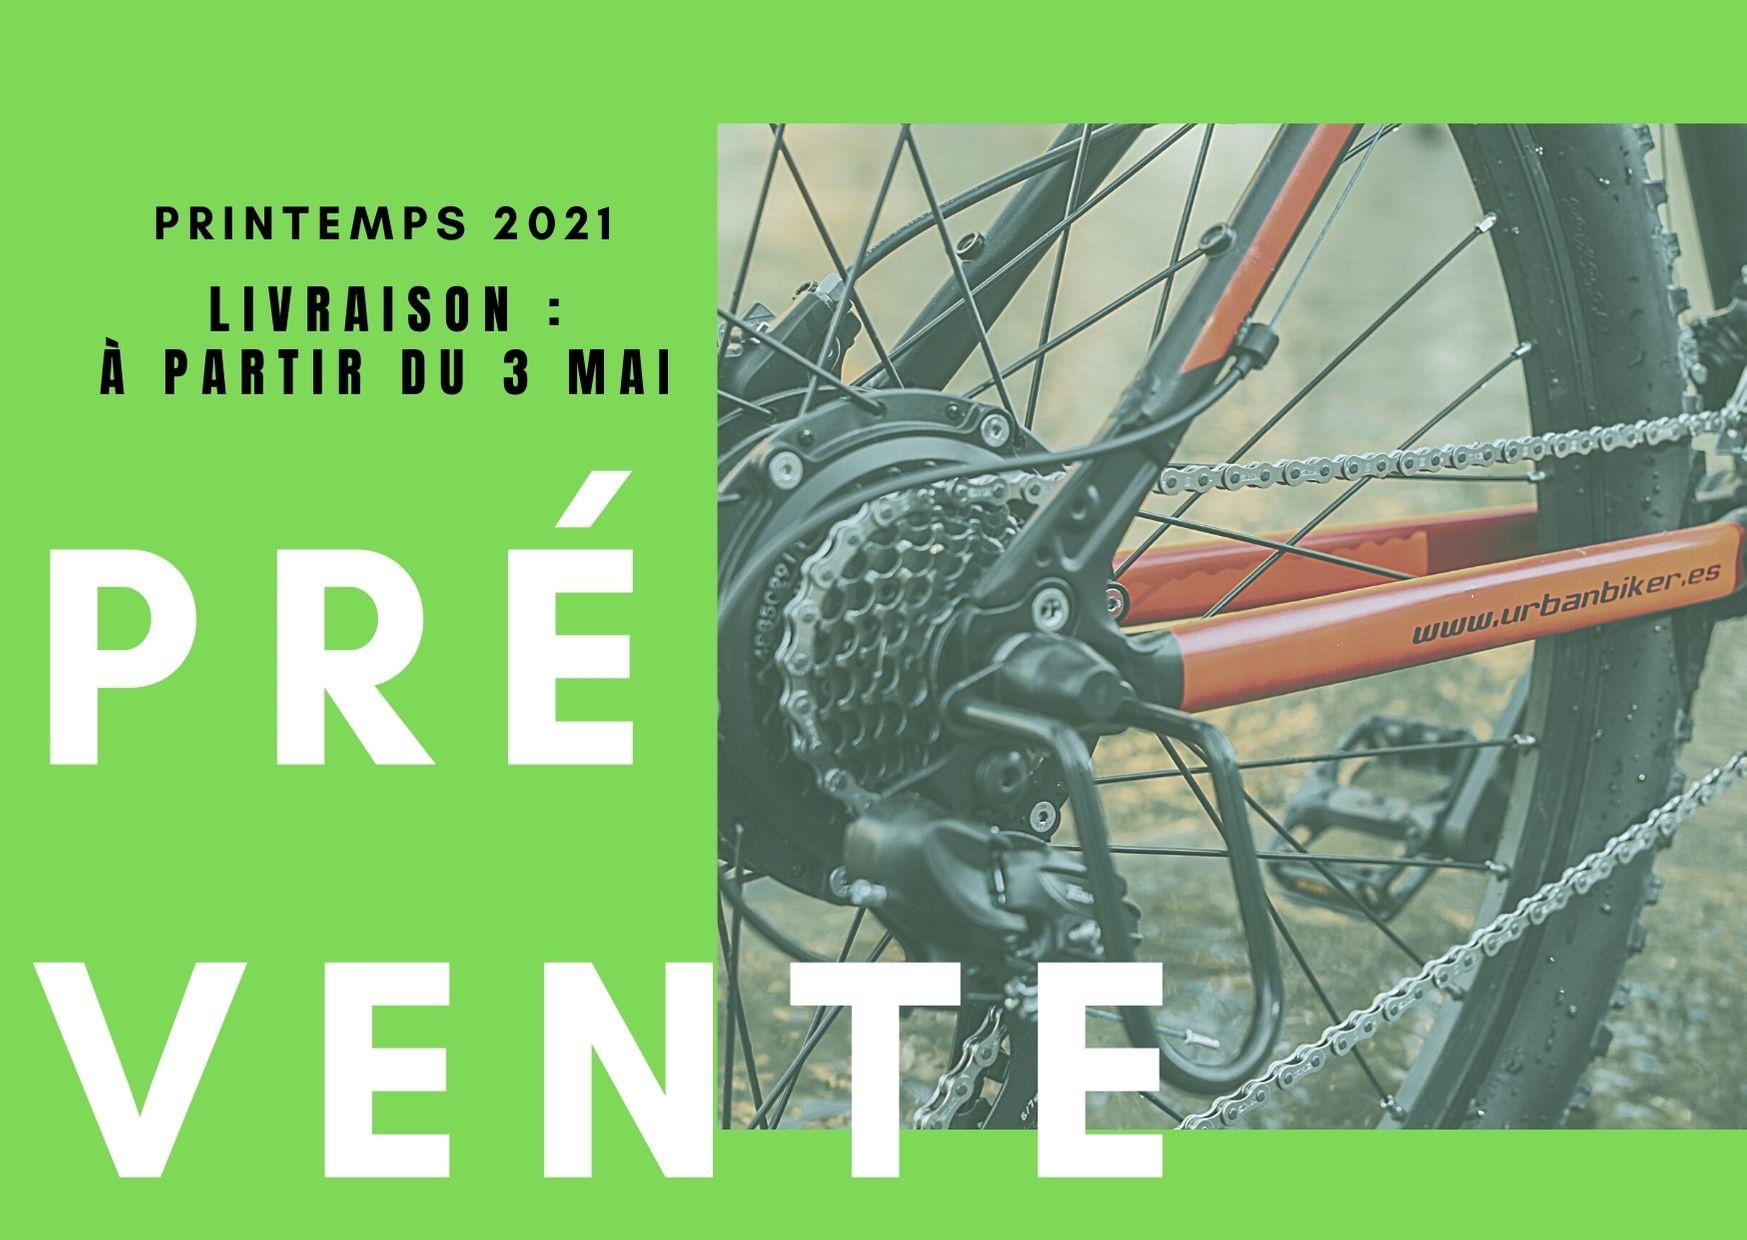 Réservez votre VAE Urbanbiker